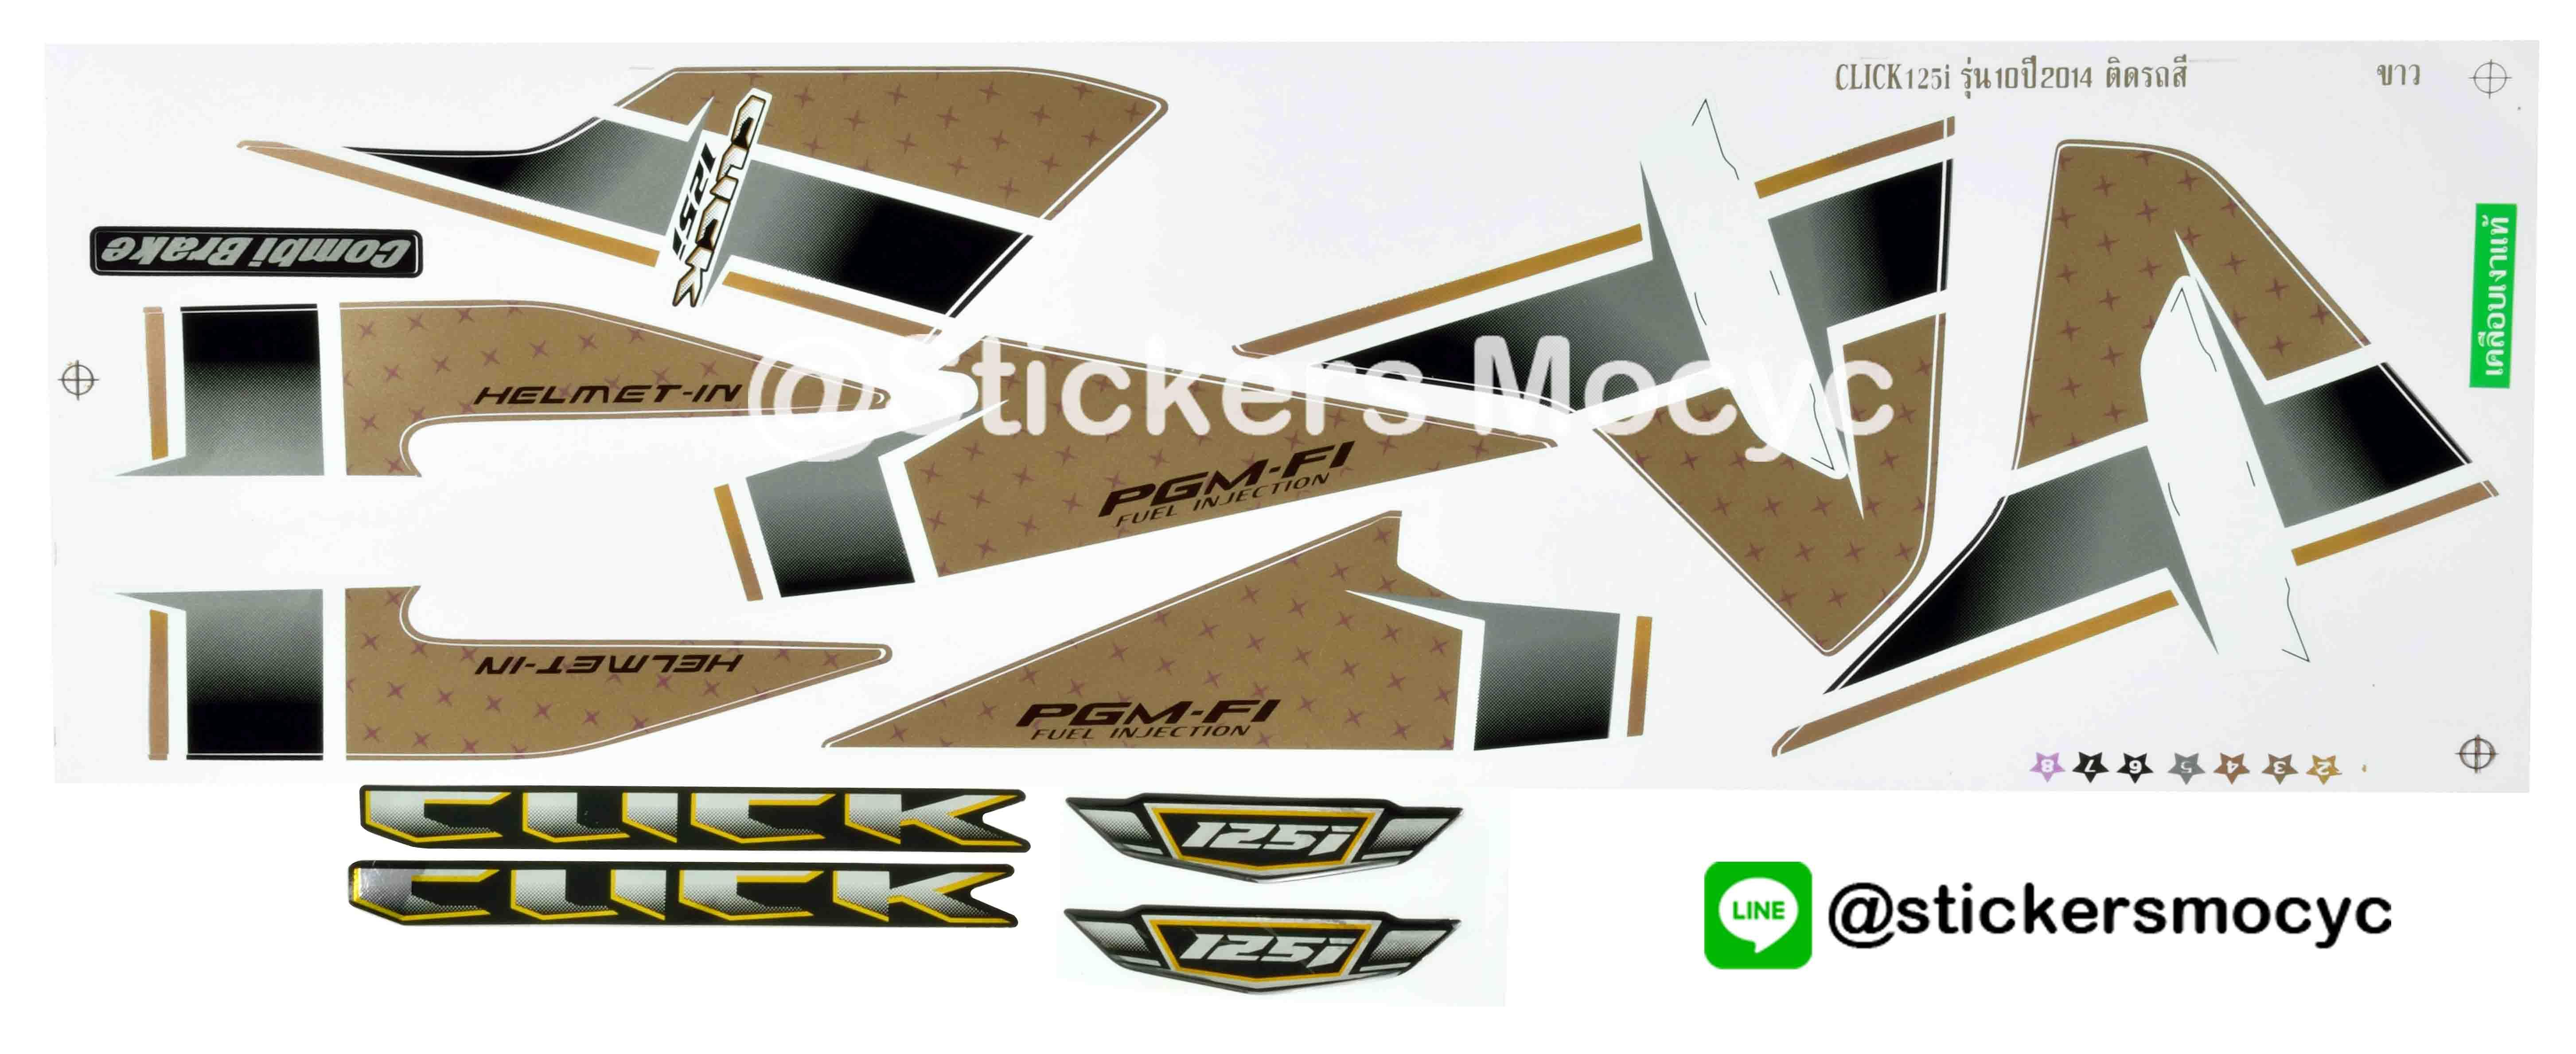 สติ๊กเกอร์ click 125i sticker click 125i แต่ง ปี 2014 รุ่น 10 ติดรถ สีขาว (เคลือบเงา)